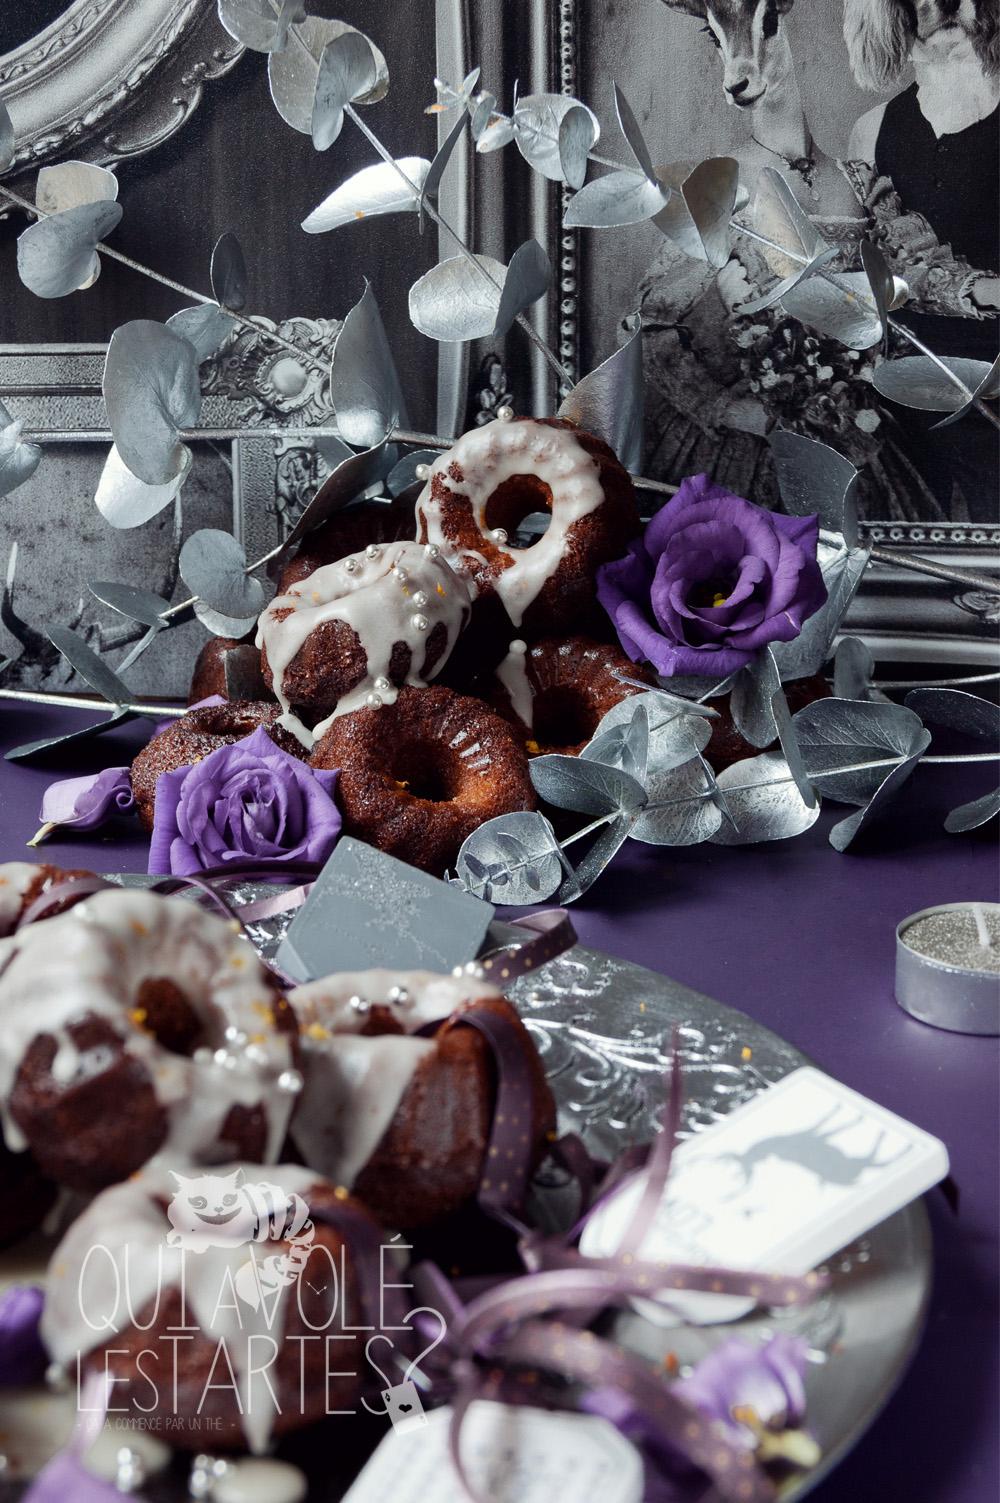 Bundt Cake sans gluten 1 - Studio 2 création - Qui a volé les tartes